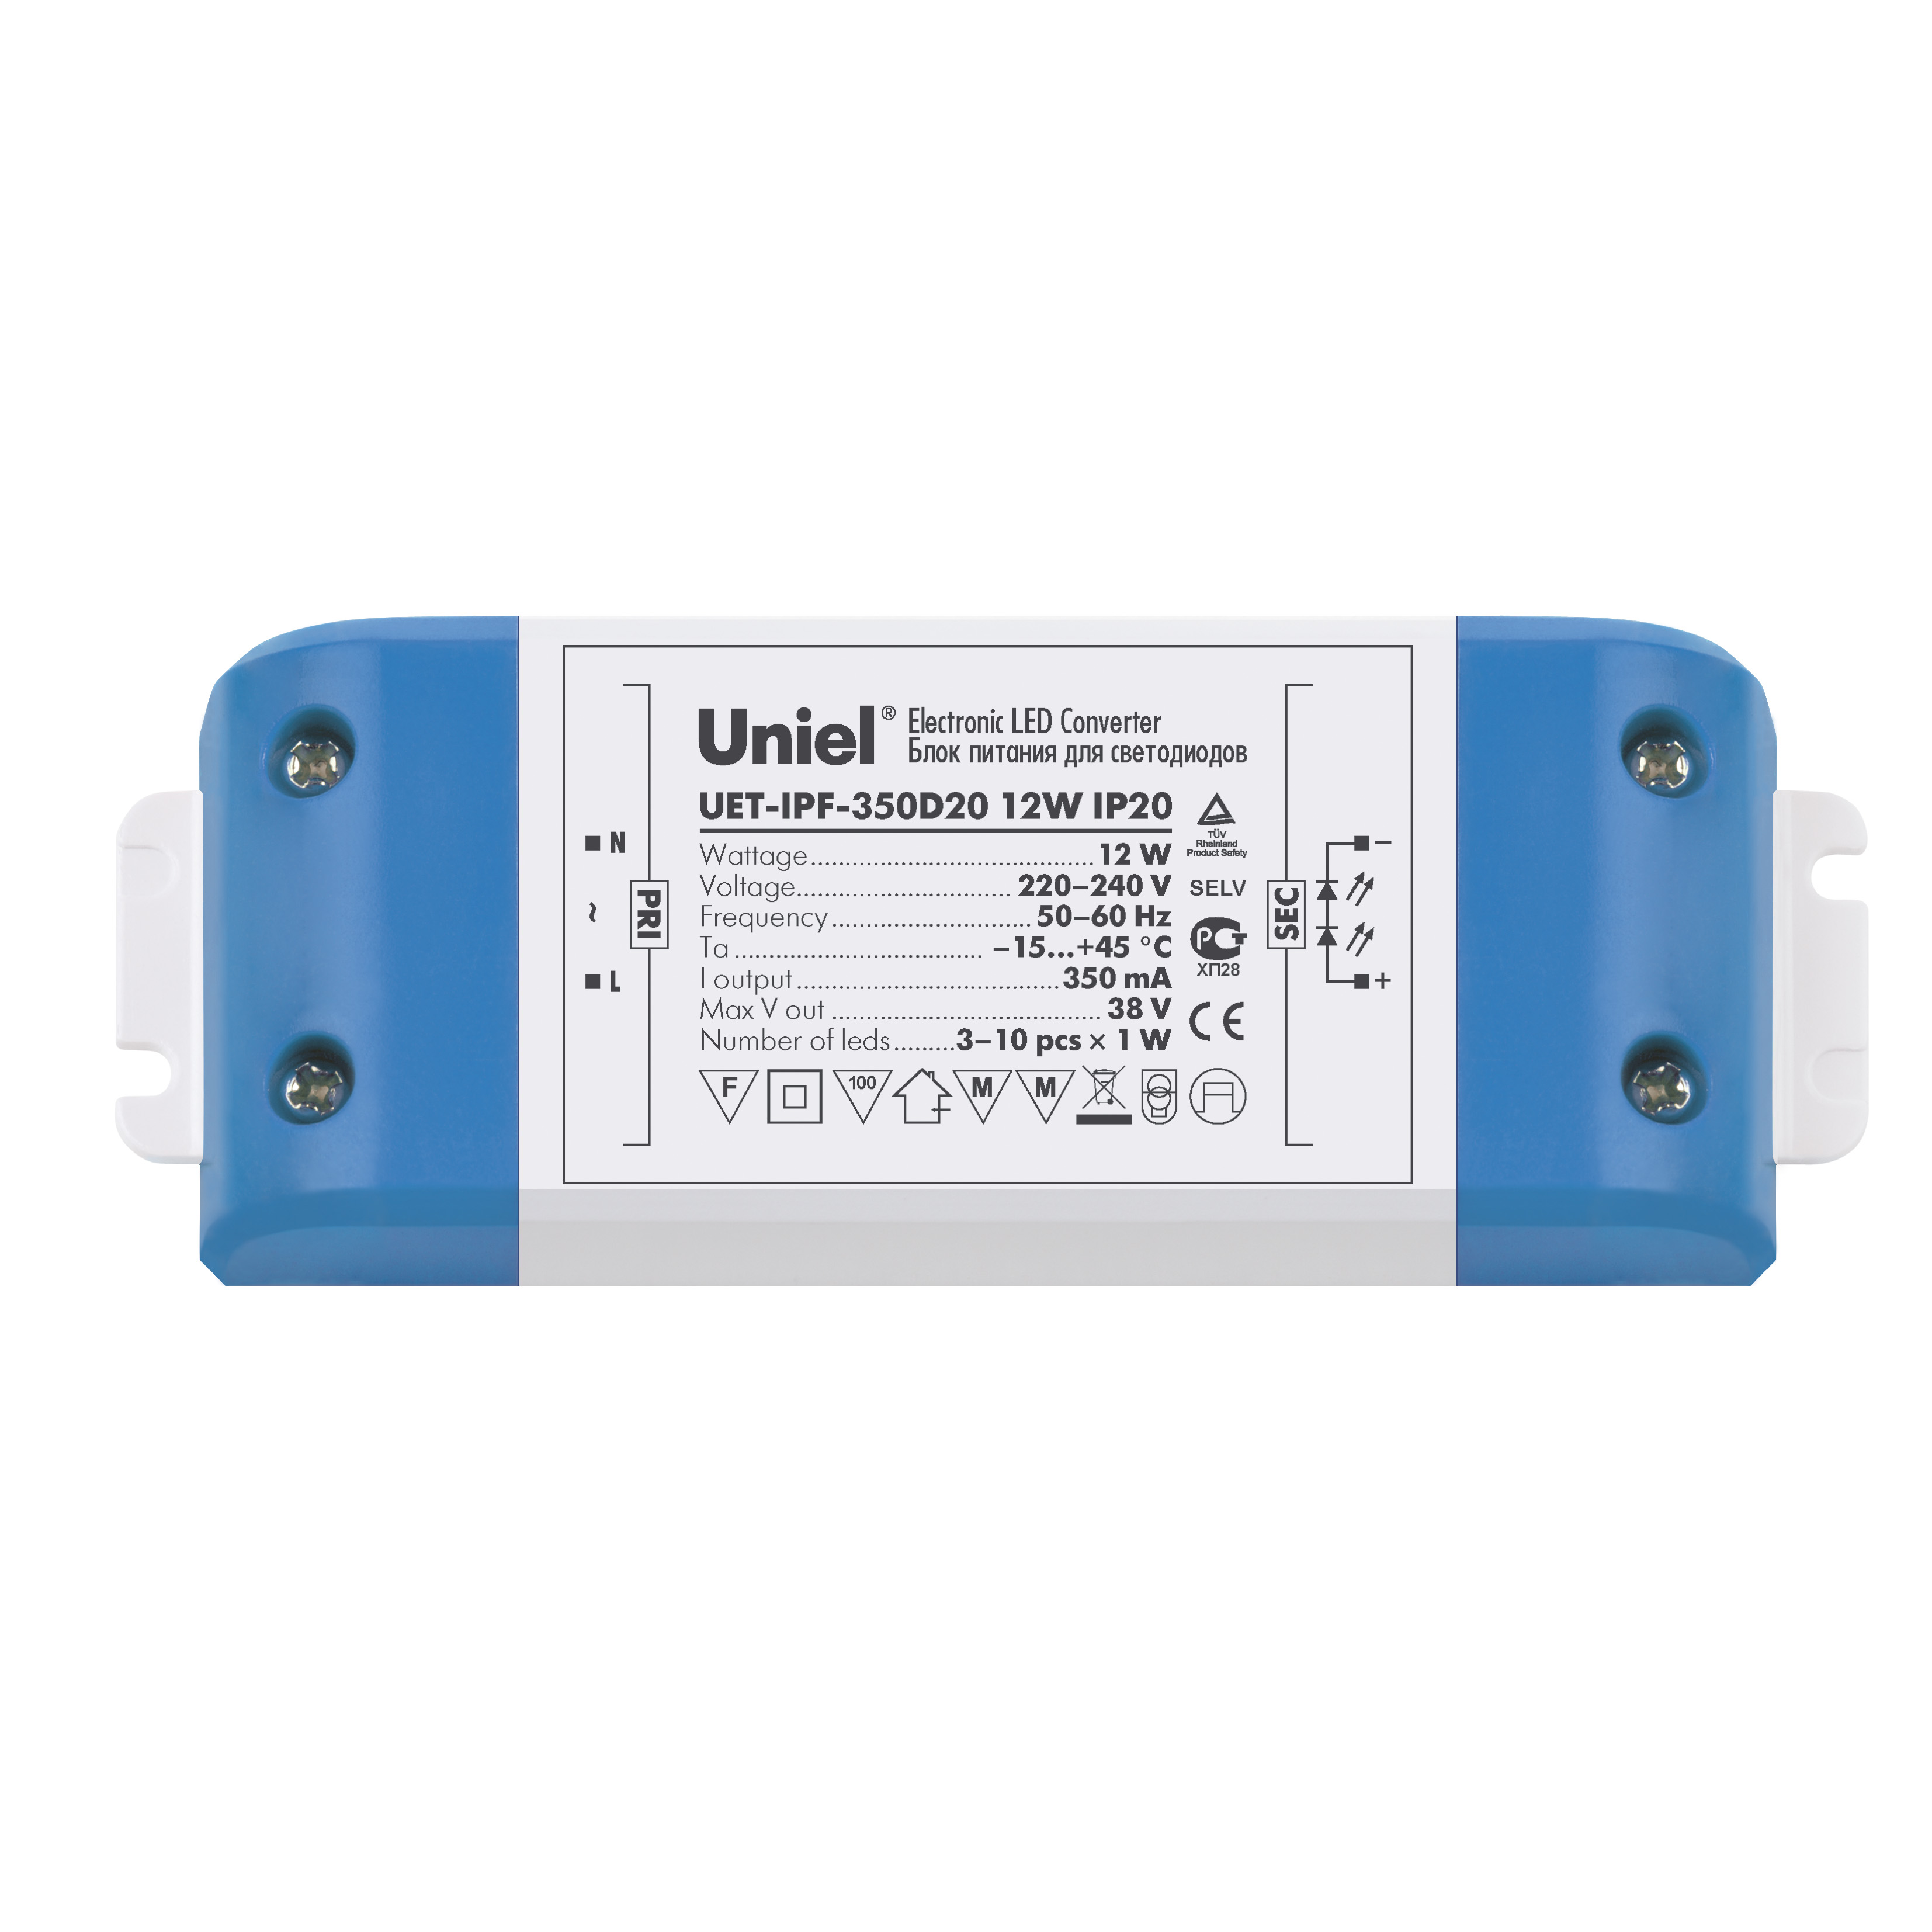 Драйвер Uniel Uet-ipf-350d20